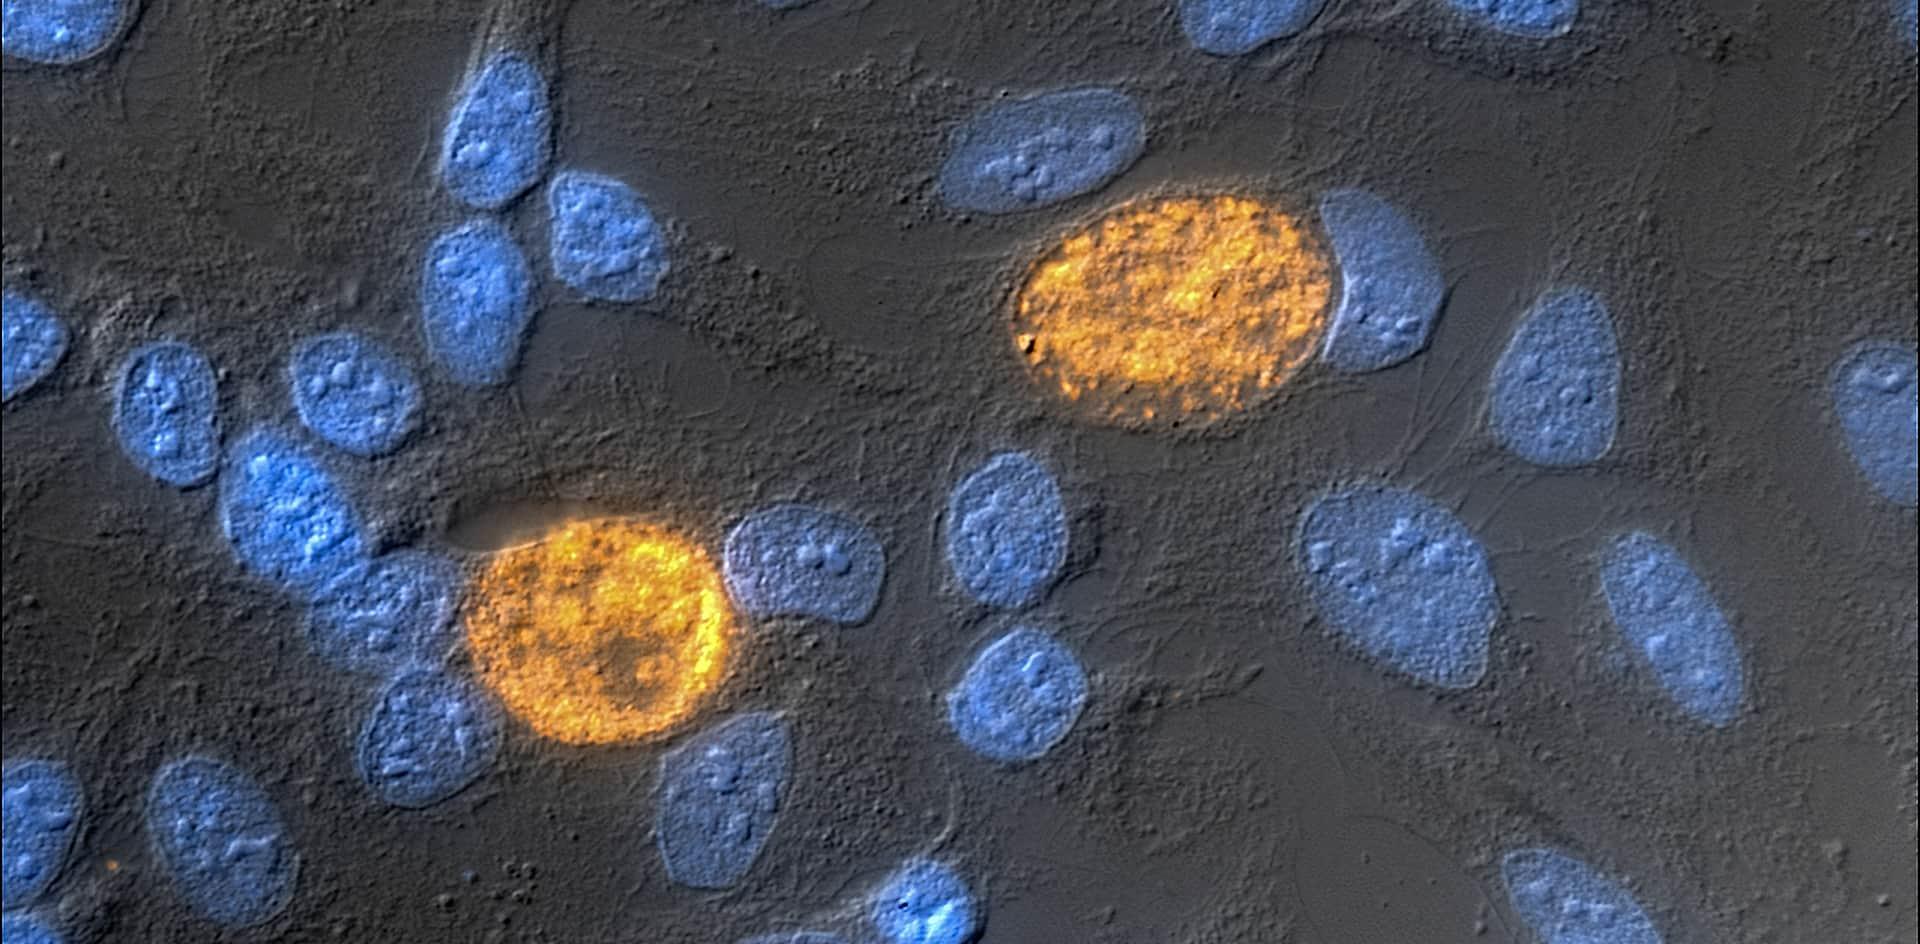 Detectan un gen clave que permitiría a la clamidia permanecer en el cuerpo sin ser detectada